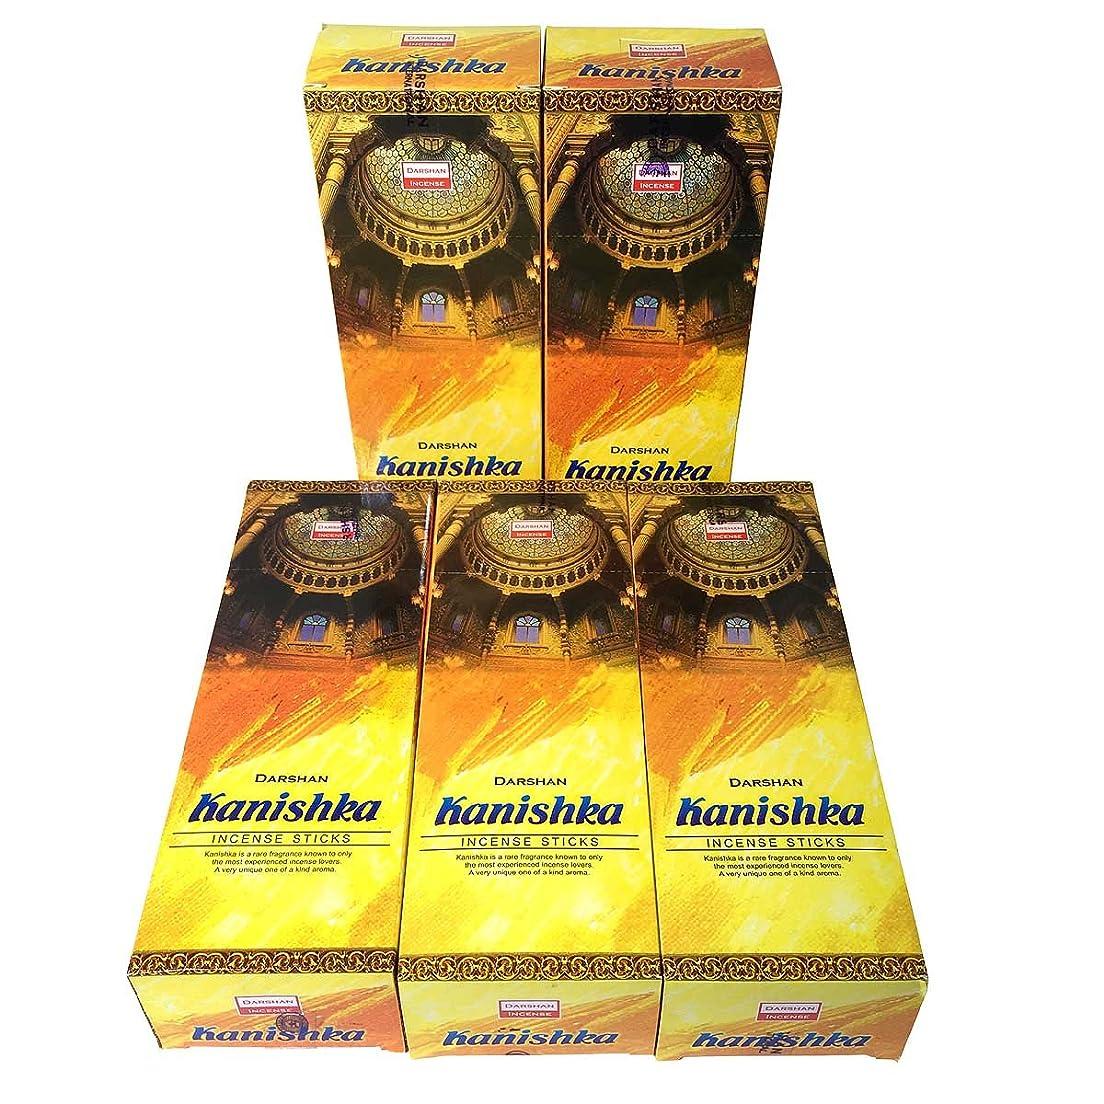 分解する学生カビカニシュカ香スティック 5BOX(30箱)/DARSHAN KANISHKA/ インド香 / 送料無料 [並行輸入品]